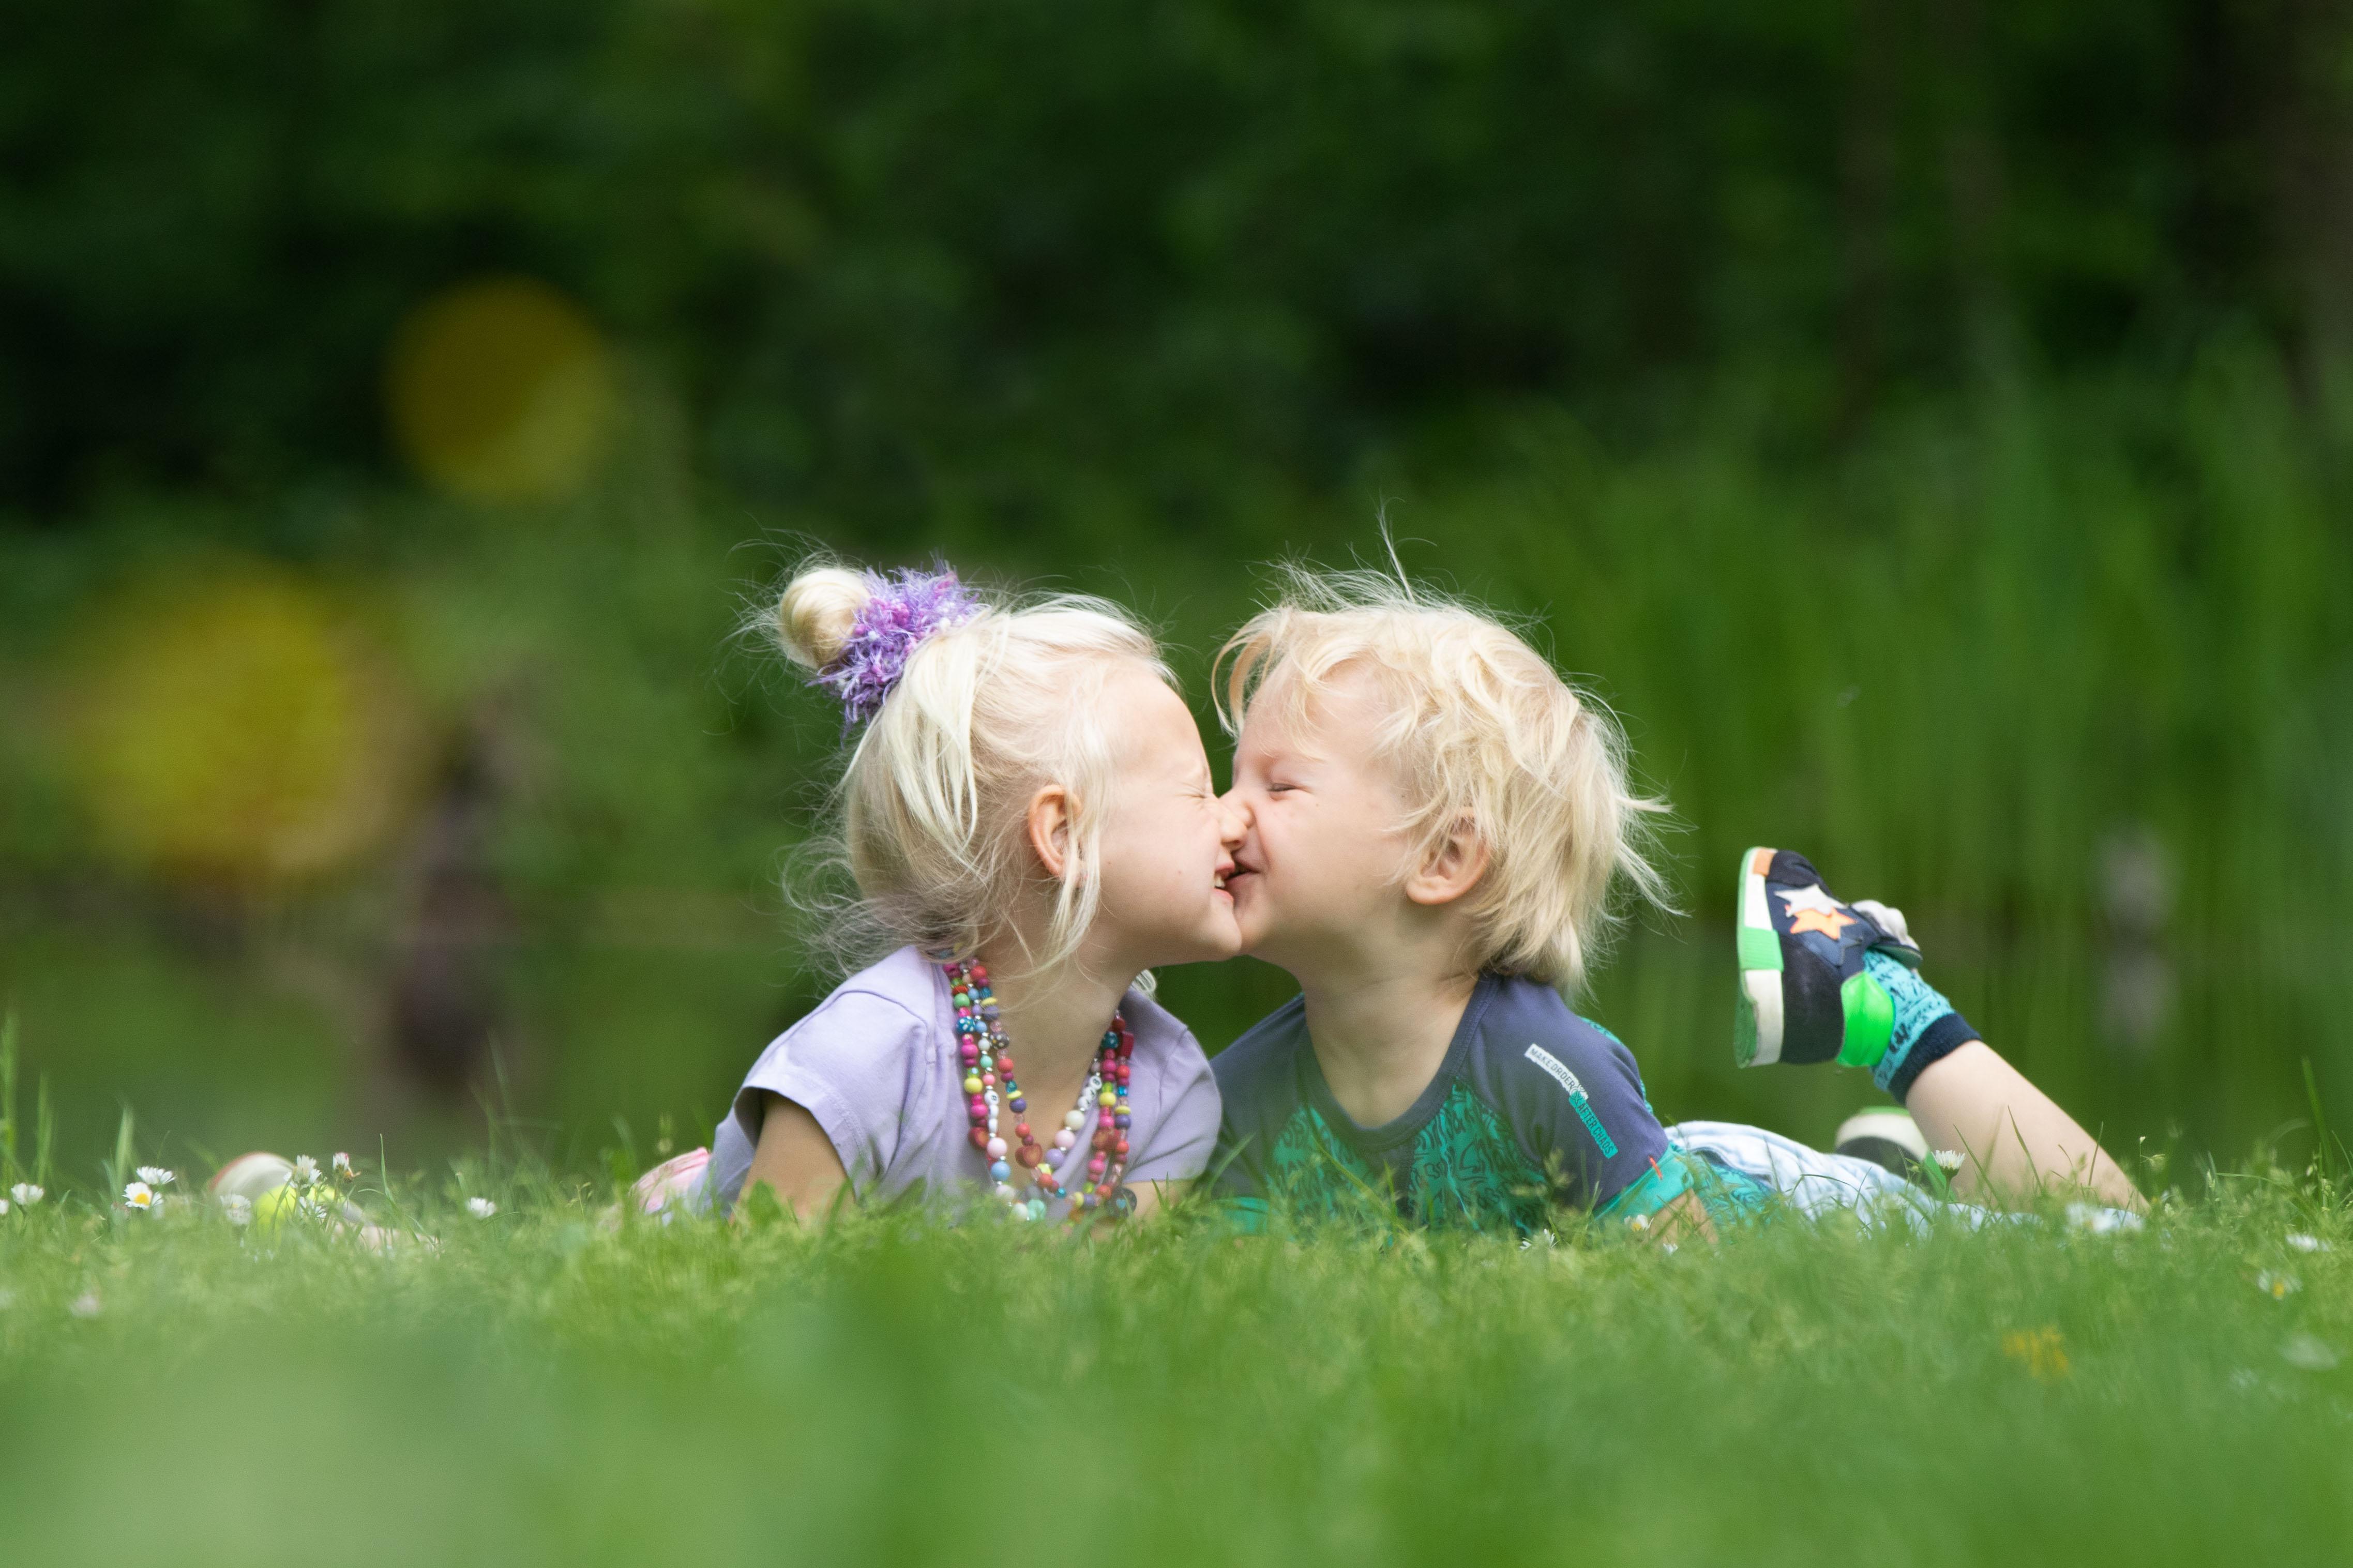 Marleen Verheul Fotografie, kinderfotografie, broer en zus geven elkaar een kus in het gras